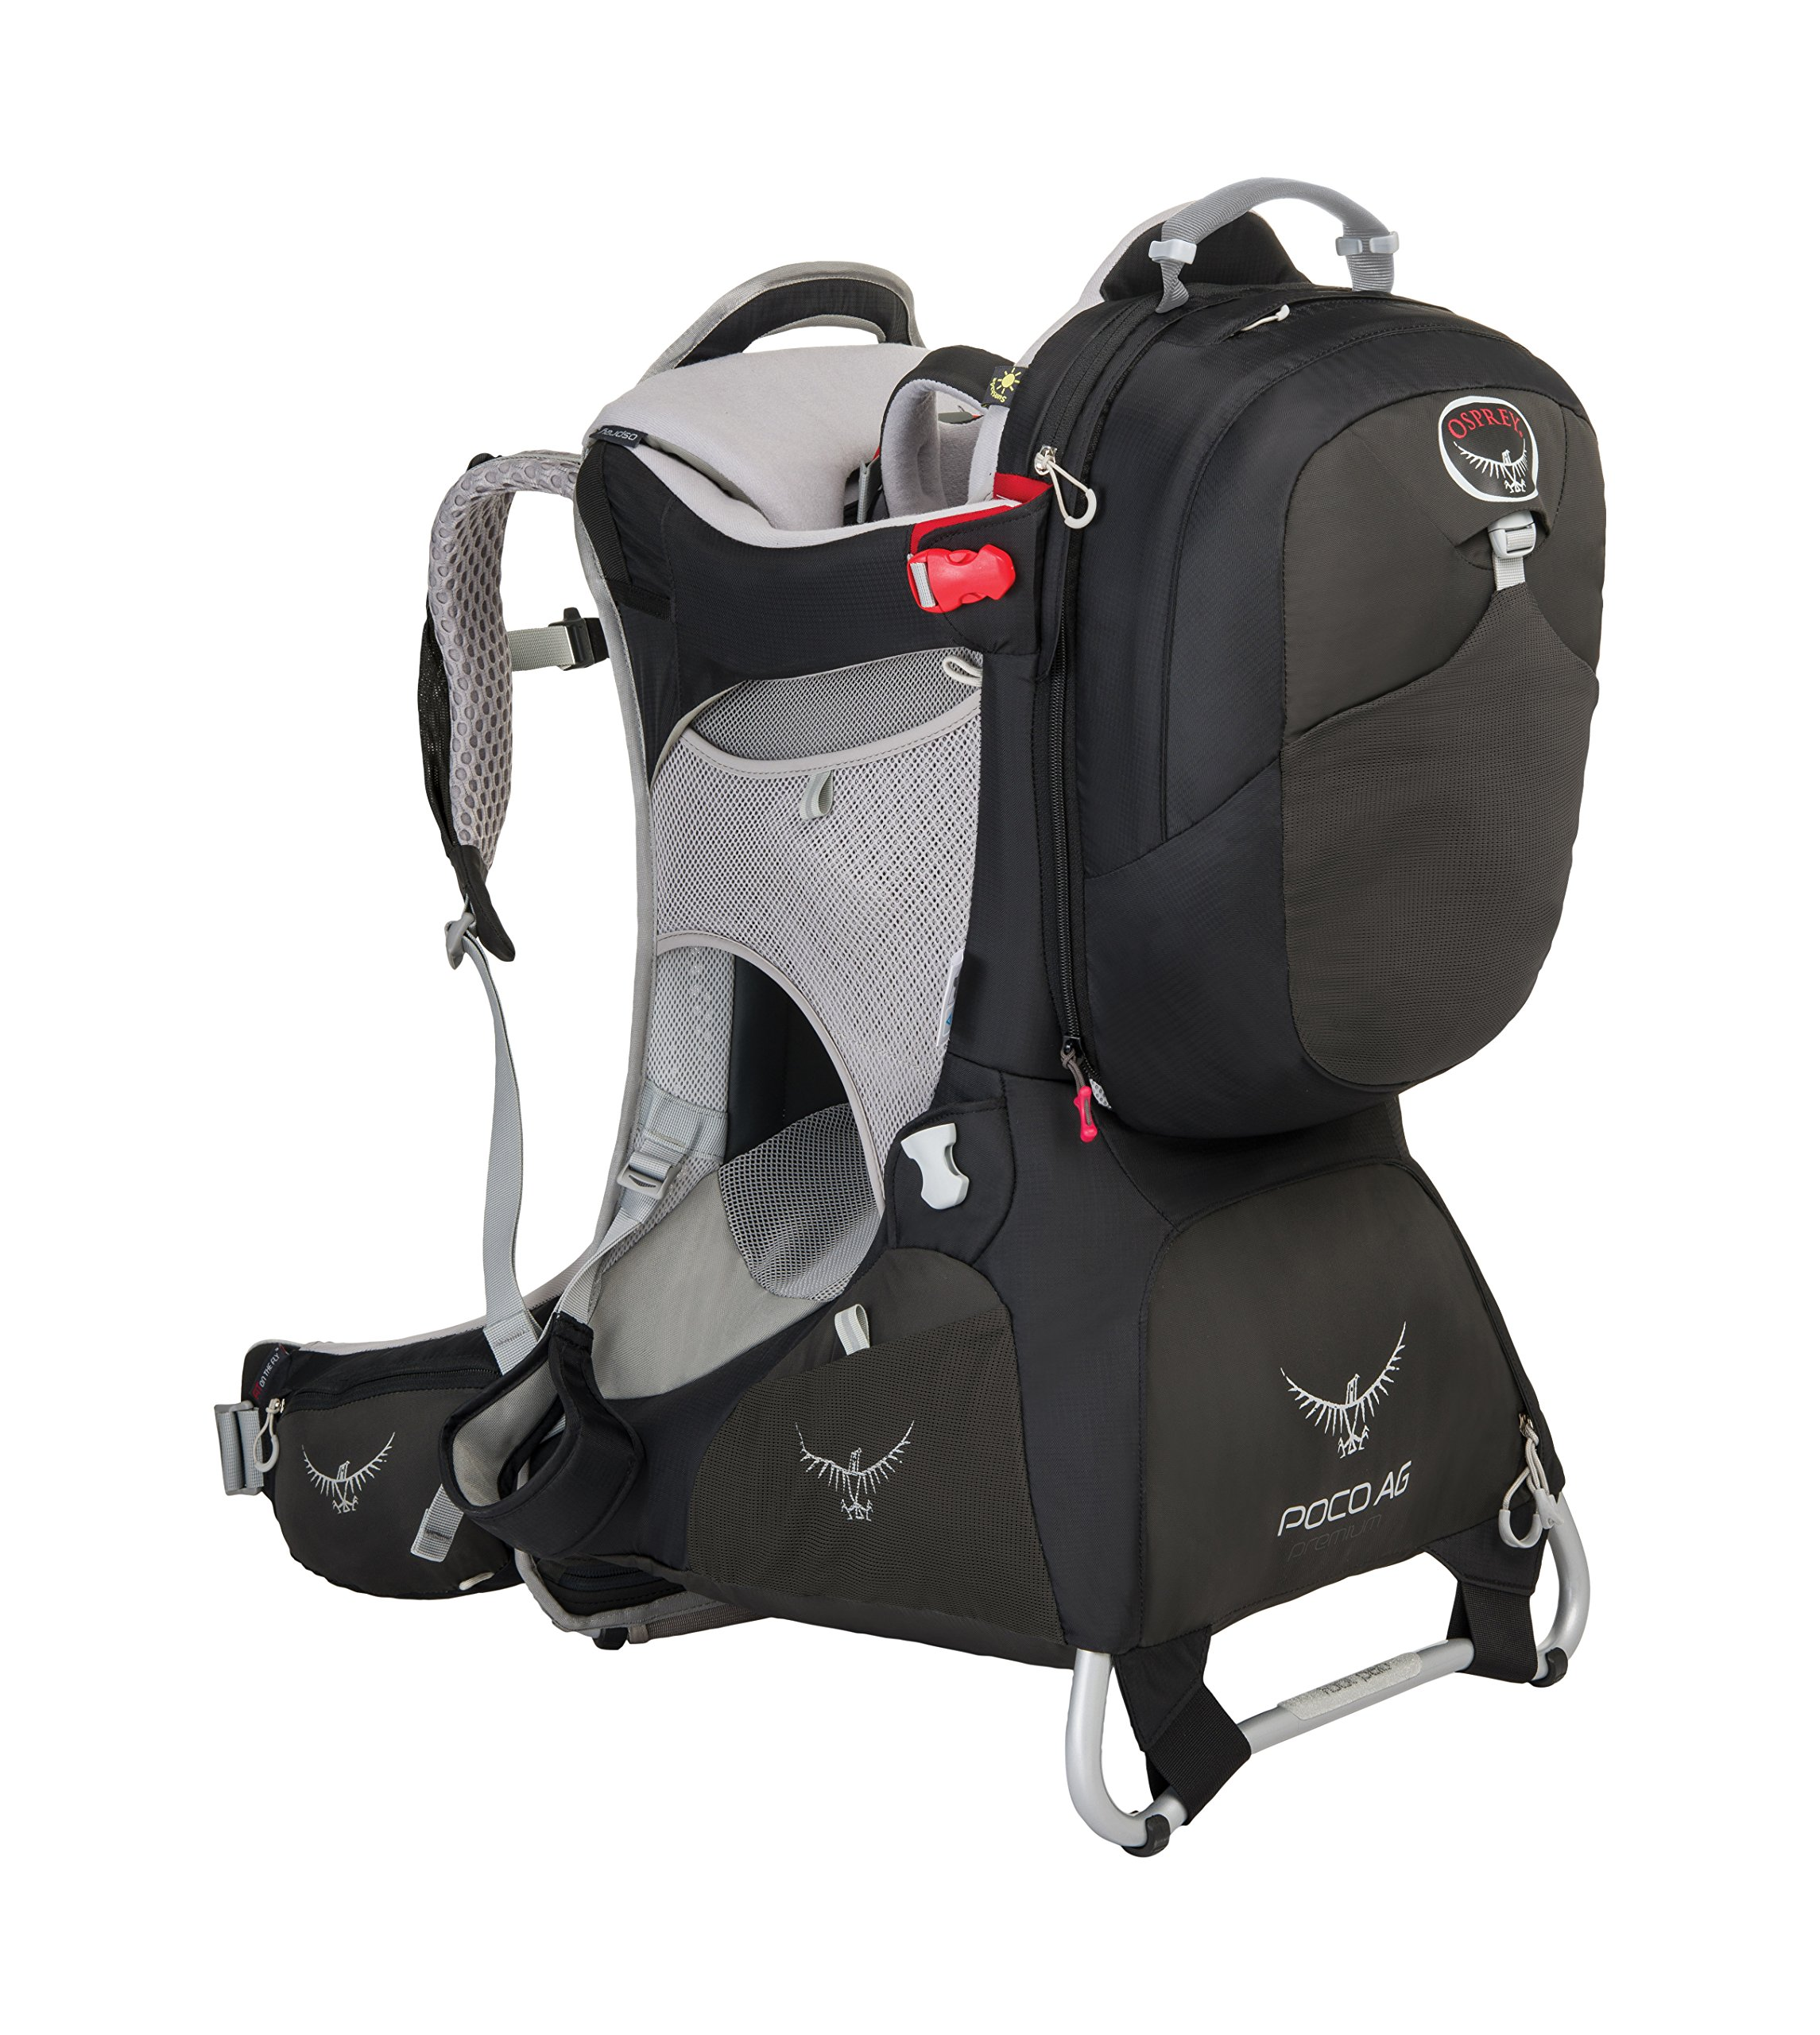 Osprey Packs Poco AG Premium Child Carrier, Black